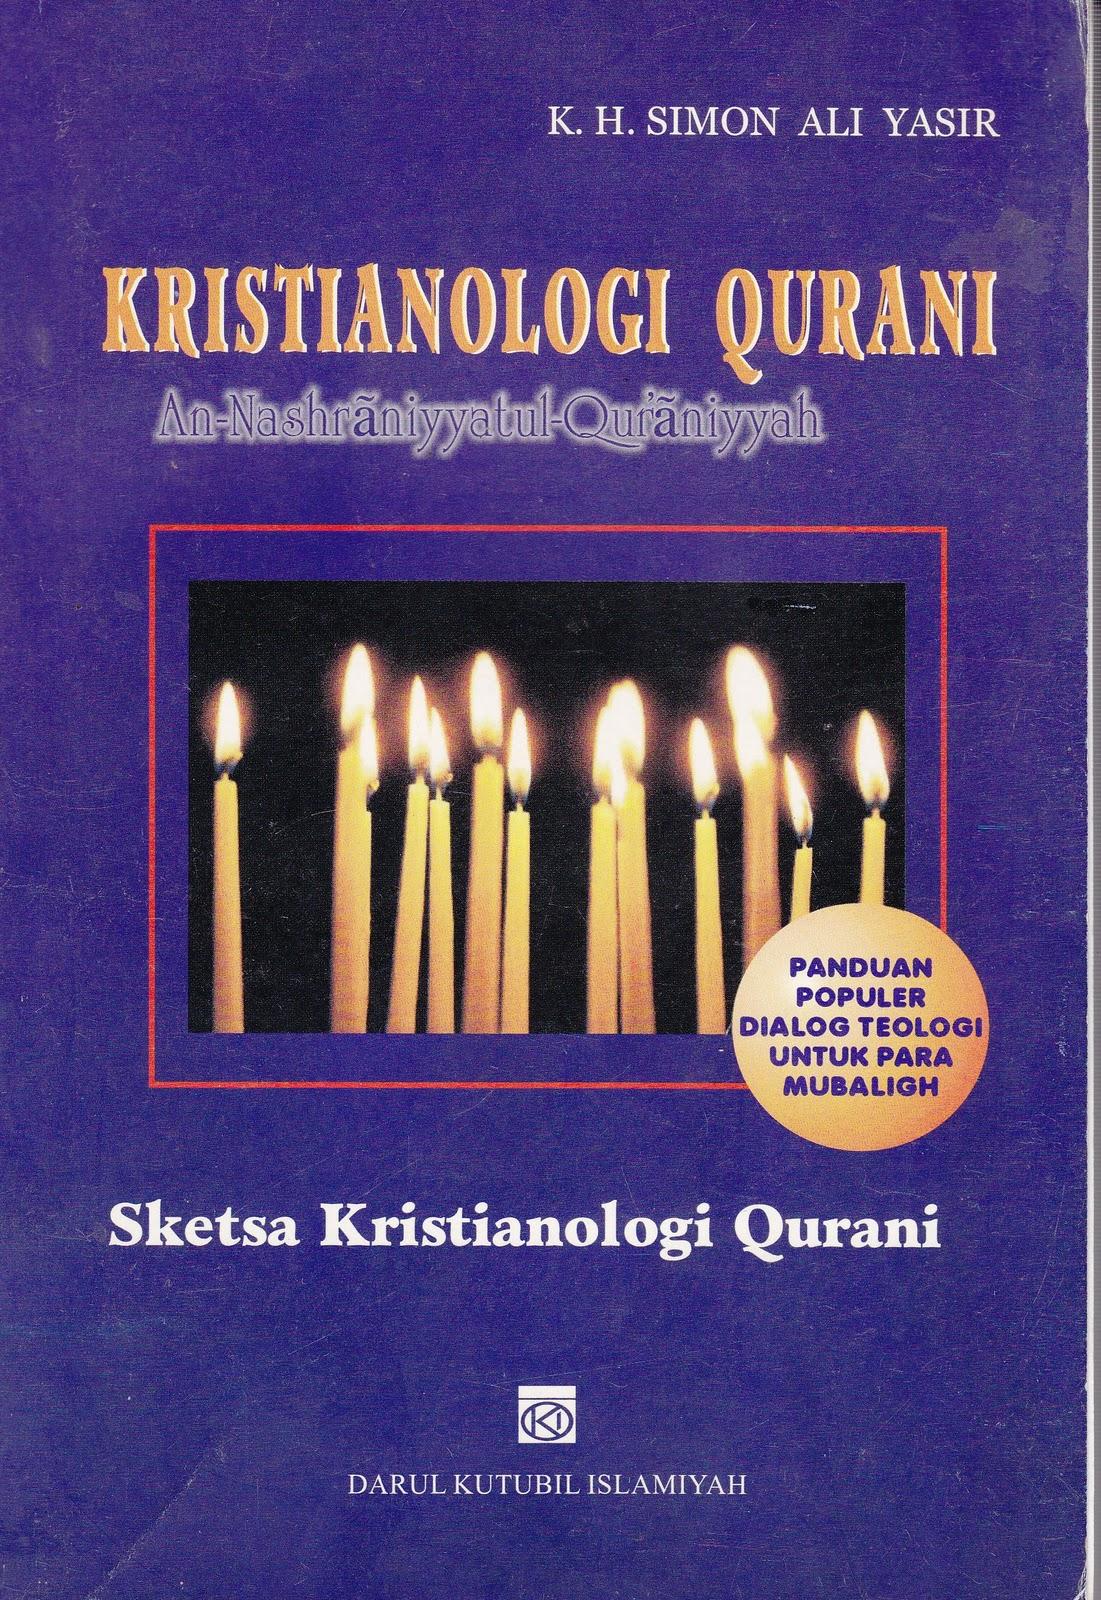 Kristianologi Qur'ani